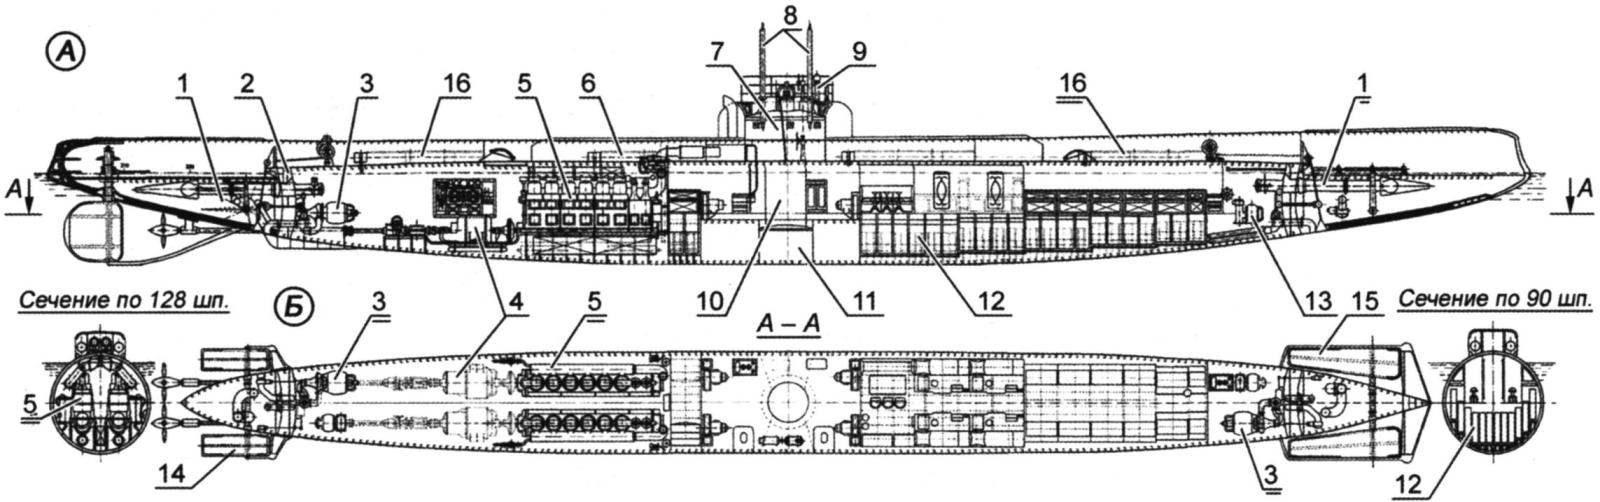 Подводная лодка «Морж» (проектный чертёж)